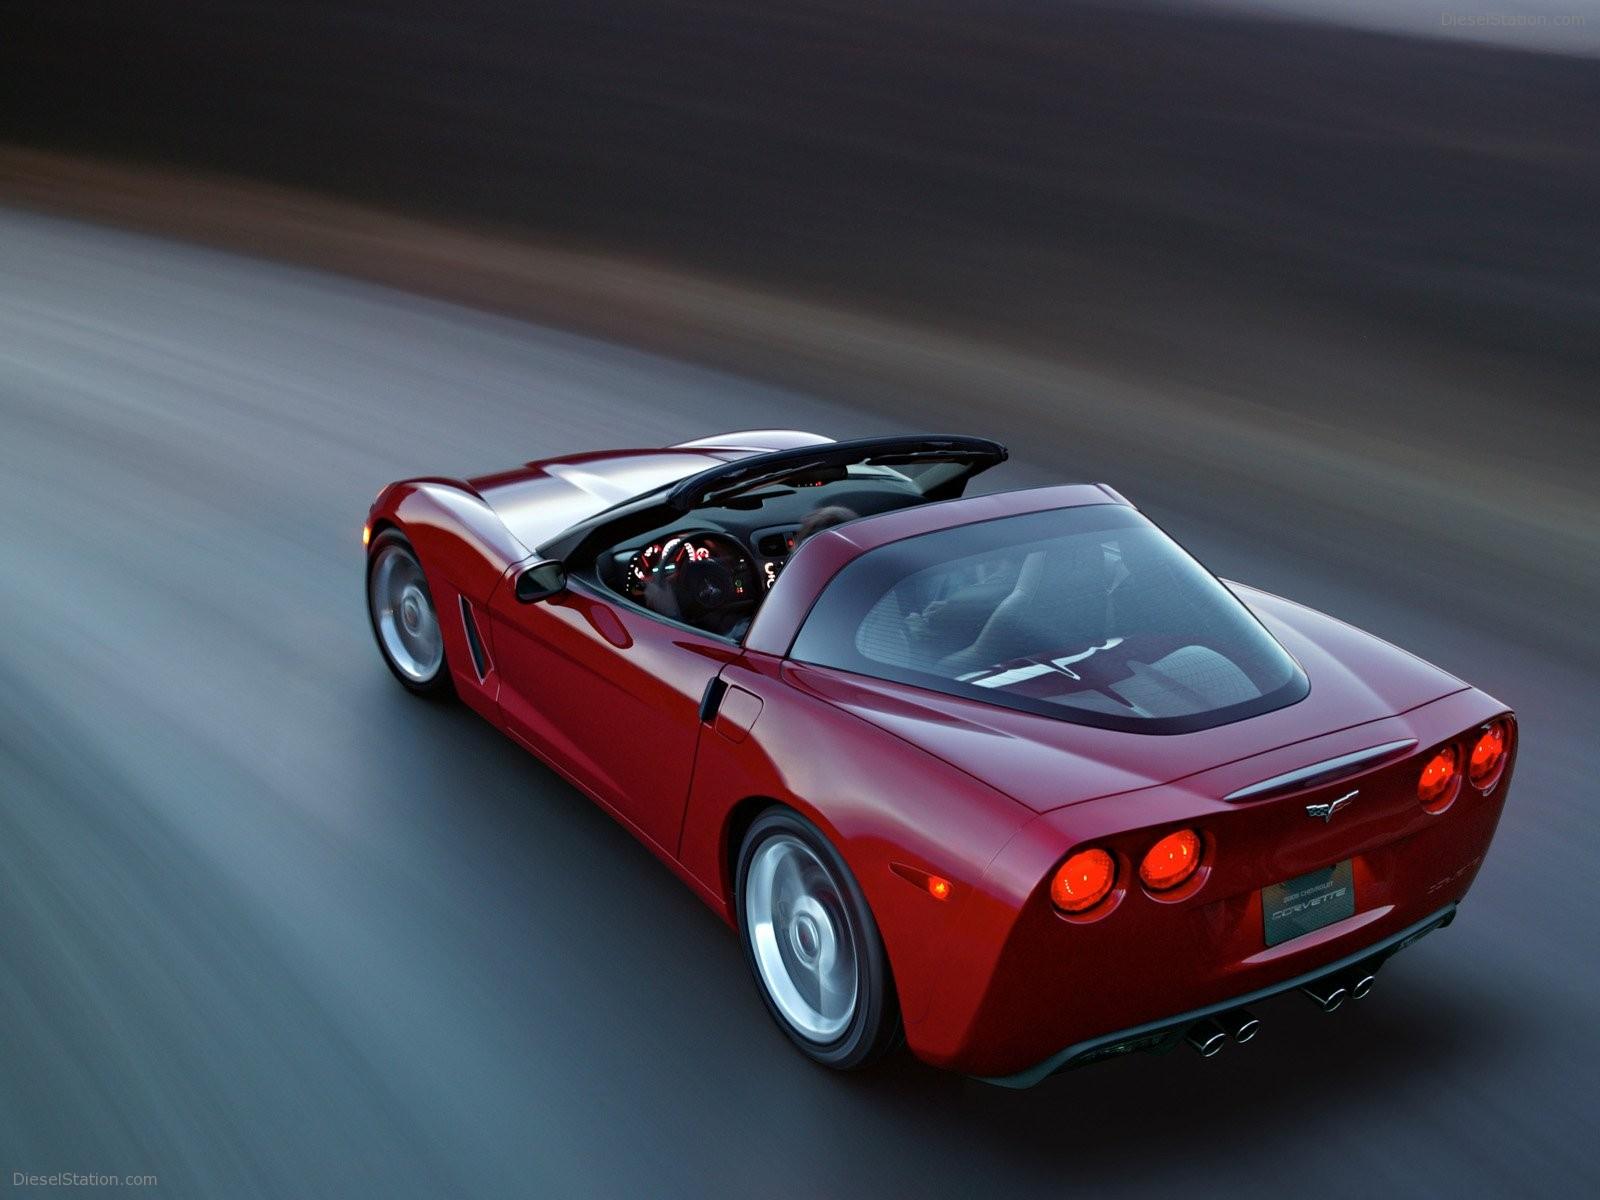 Chevrolet-Corvette-C6-007